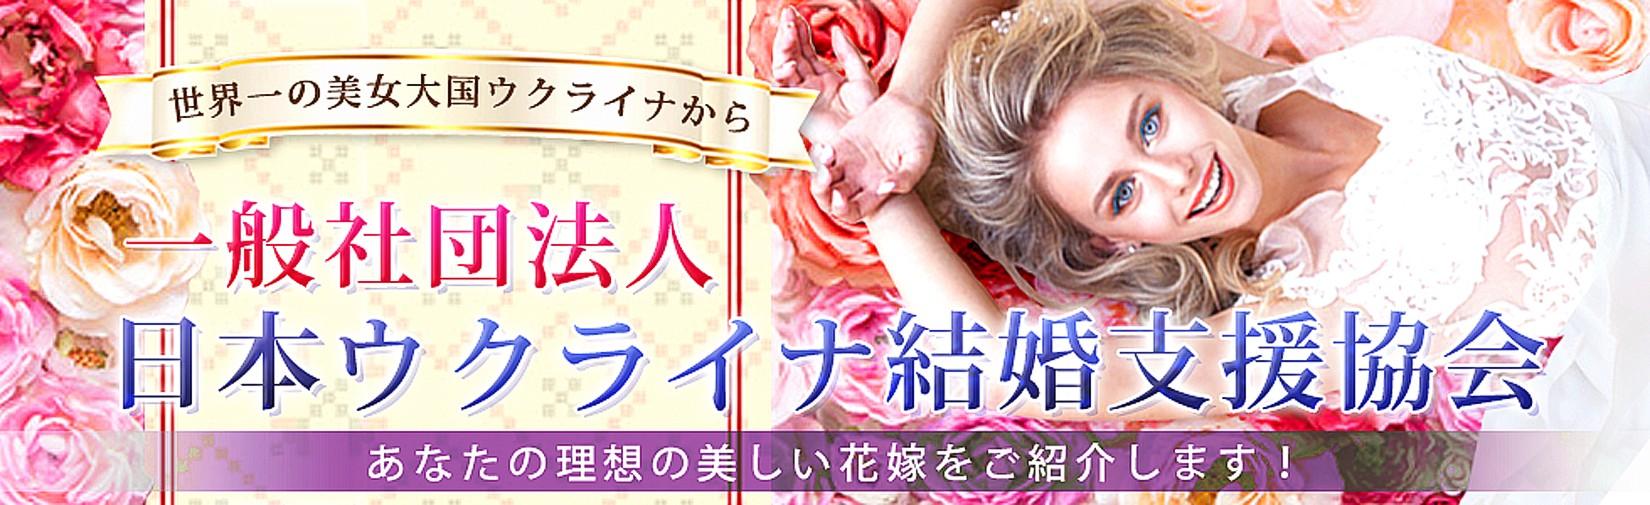 【国際結婚】 日本ウクライナ国際結婚支援協会